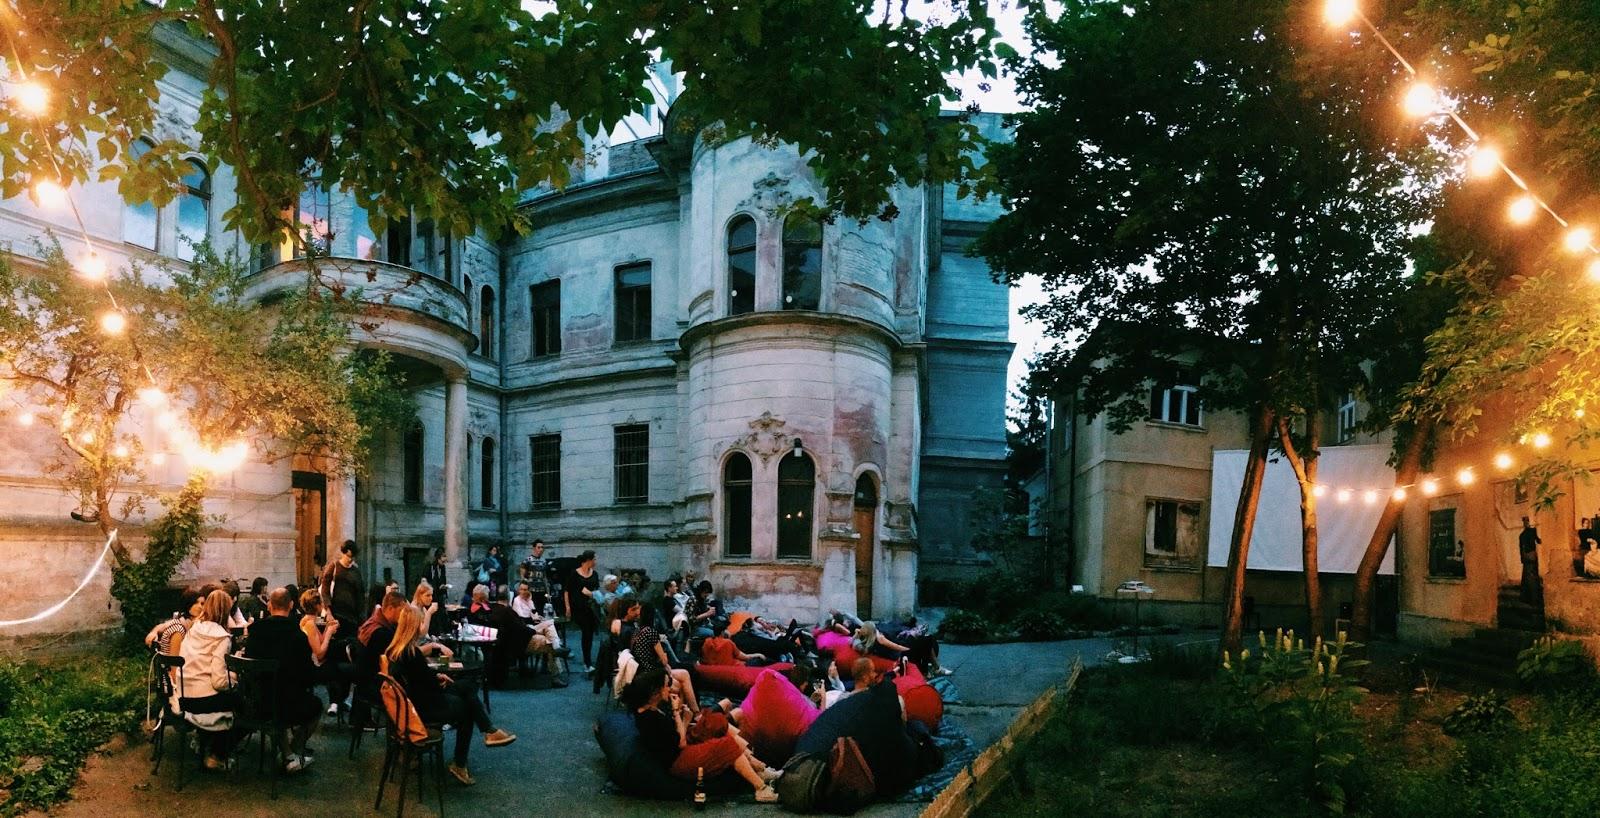 2c4a31b68 Úžasná atmoška nádvoria Pisztoryho paláca na Štefánikovej je na letné kino  ako stvorená. A občerstvenie od Soupy tej atmosfére mega pridáva.